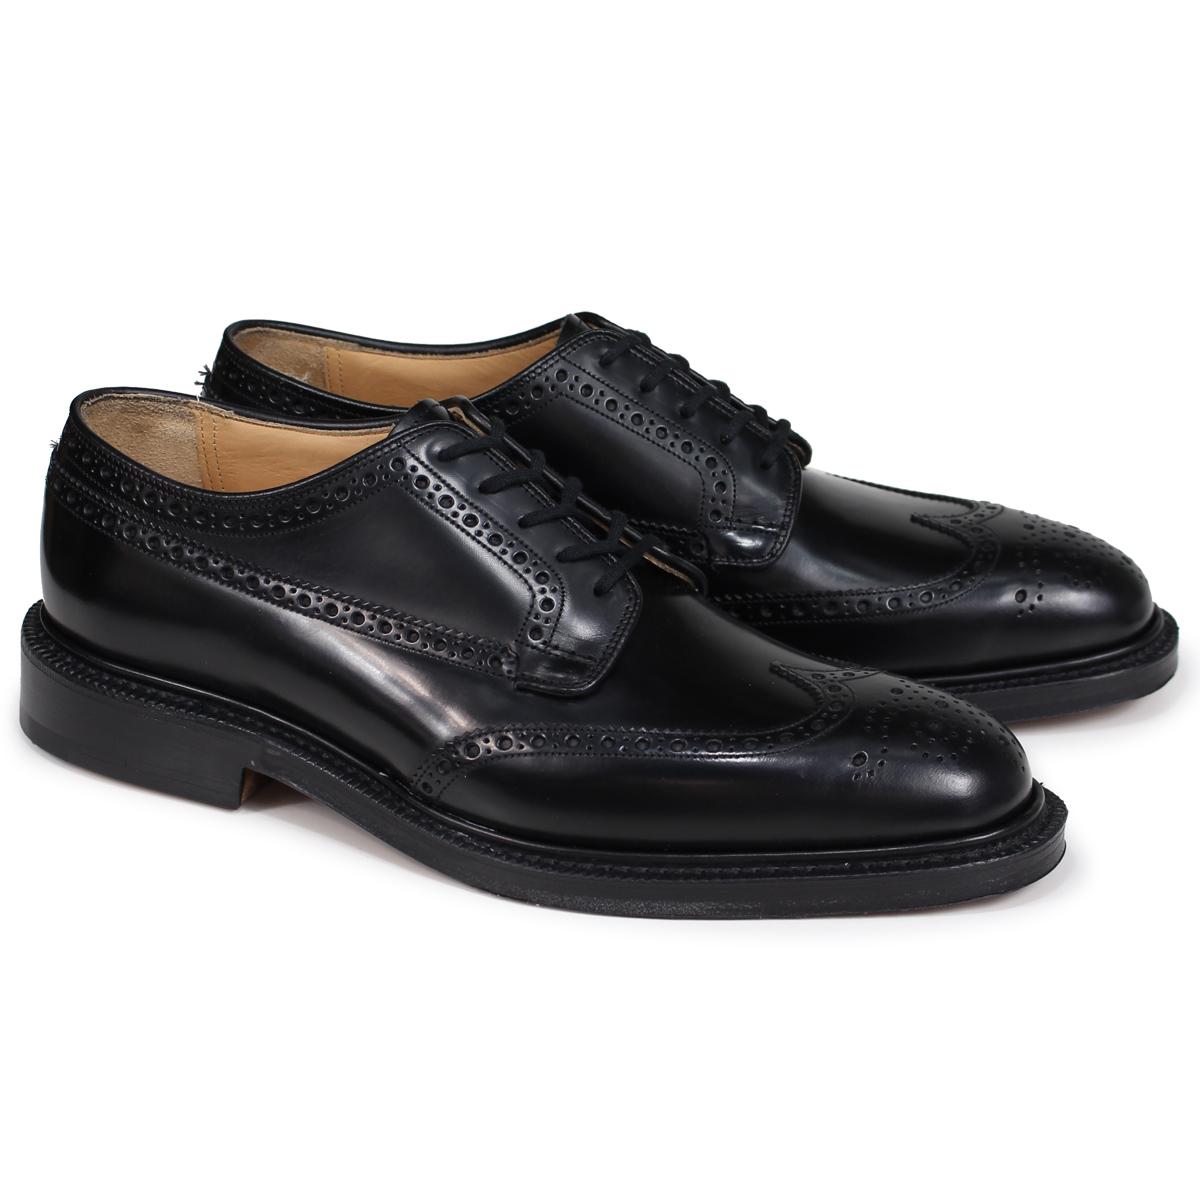 Churchs GRAFTON チャーチ 靴 グラフトン ウイングチップ シューズ メンズ レザー ブラック EEB009